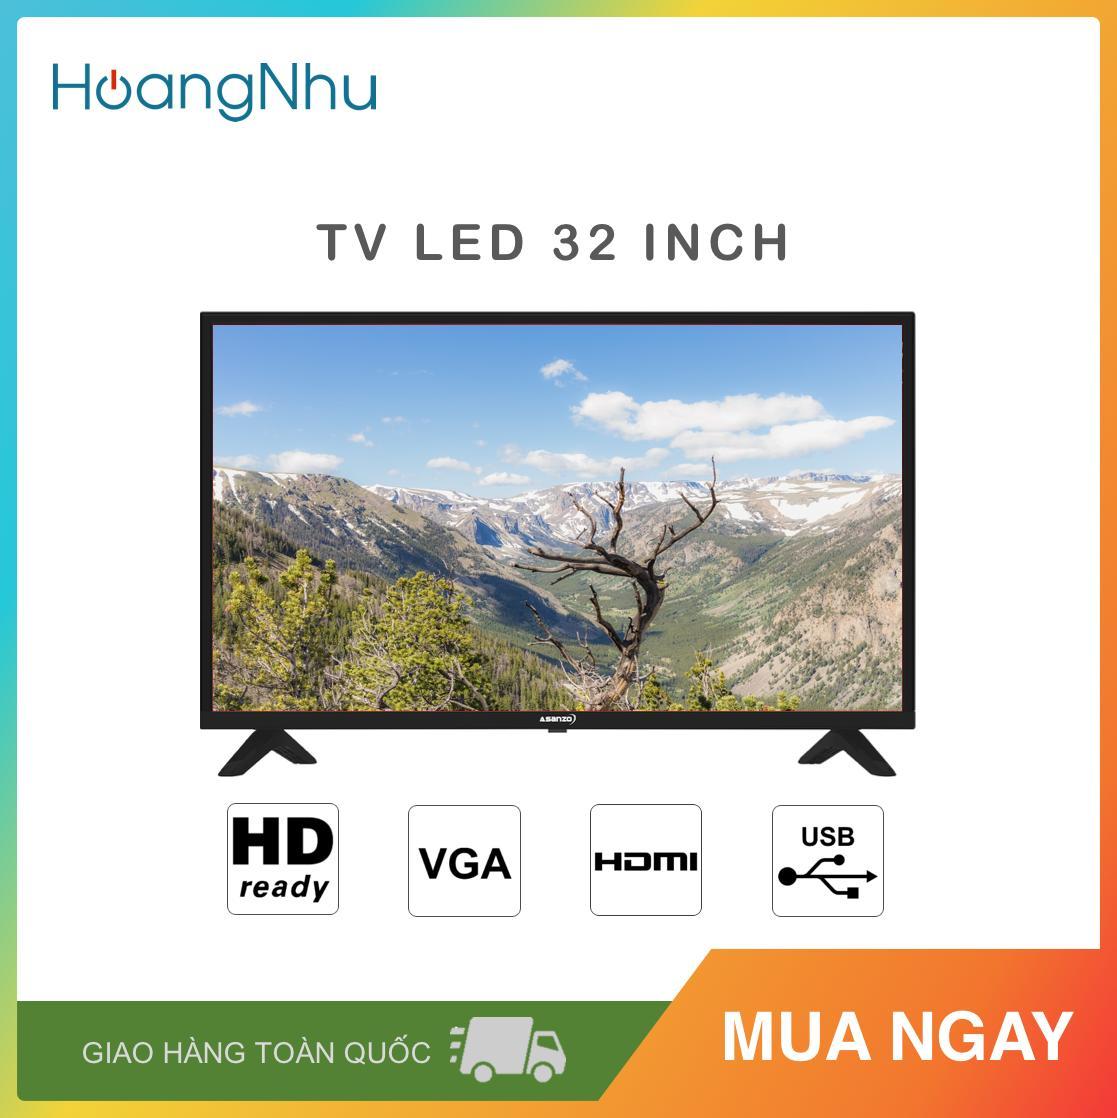 Bảng giá TV LED Asanzo 32 inch 32AH102 (TV Thường, HD Ready) - Bảo hành toàn quốc 2 năm